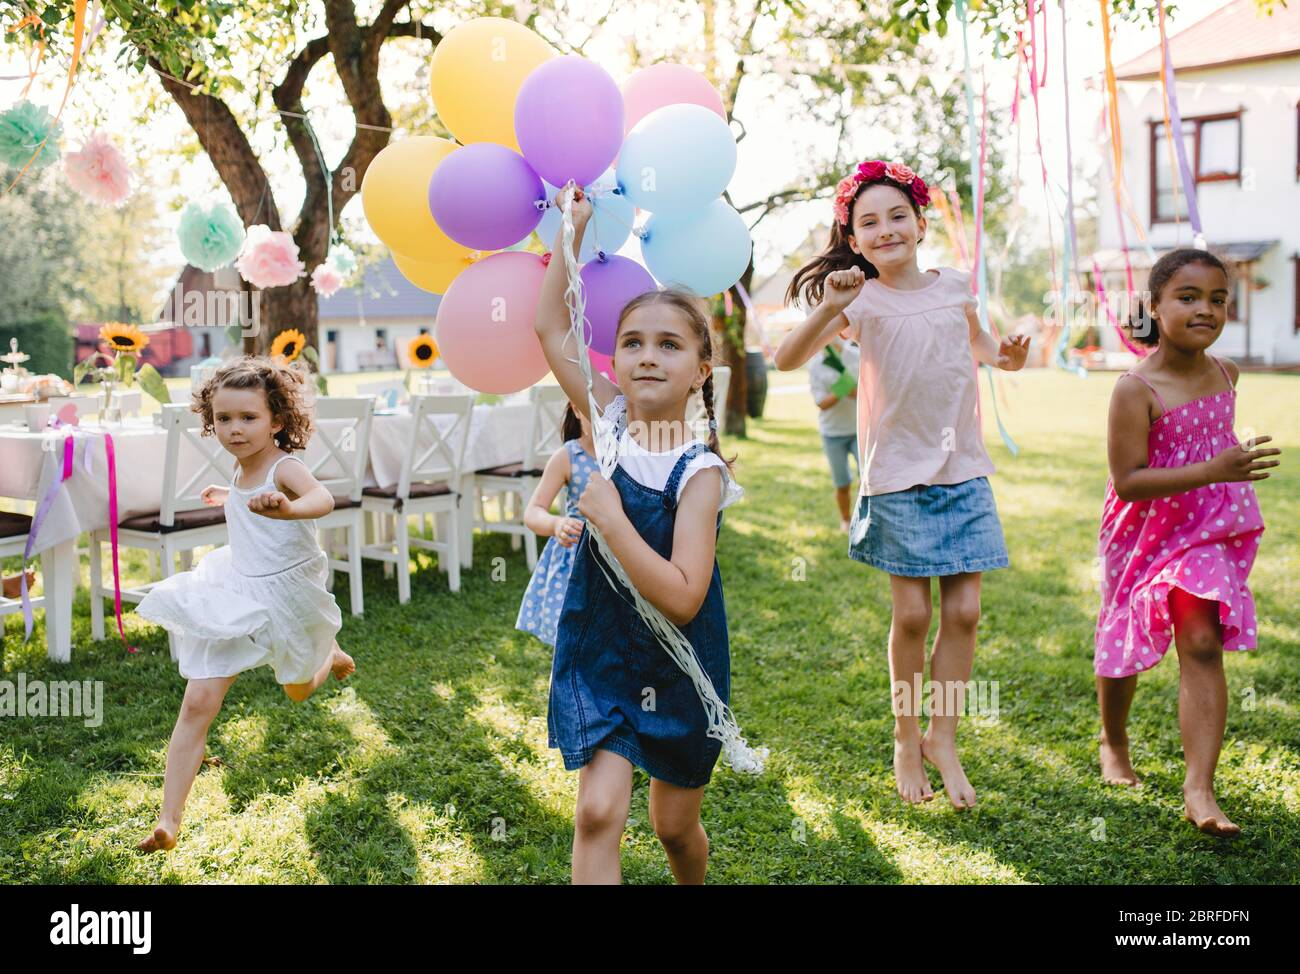 Les enfants en plein air dans le jardin en été, jouant avec des ballons. Banque D'Images